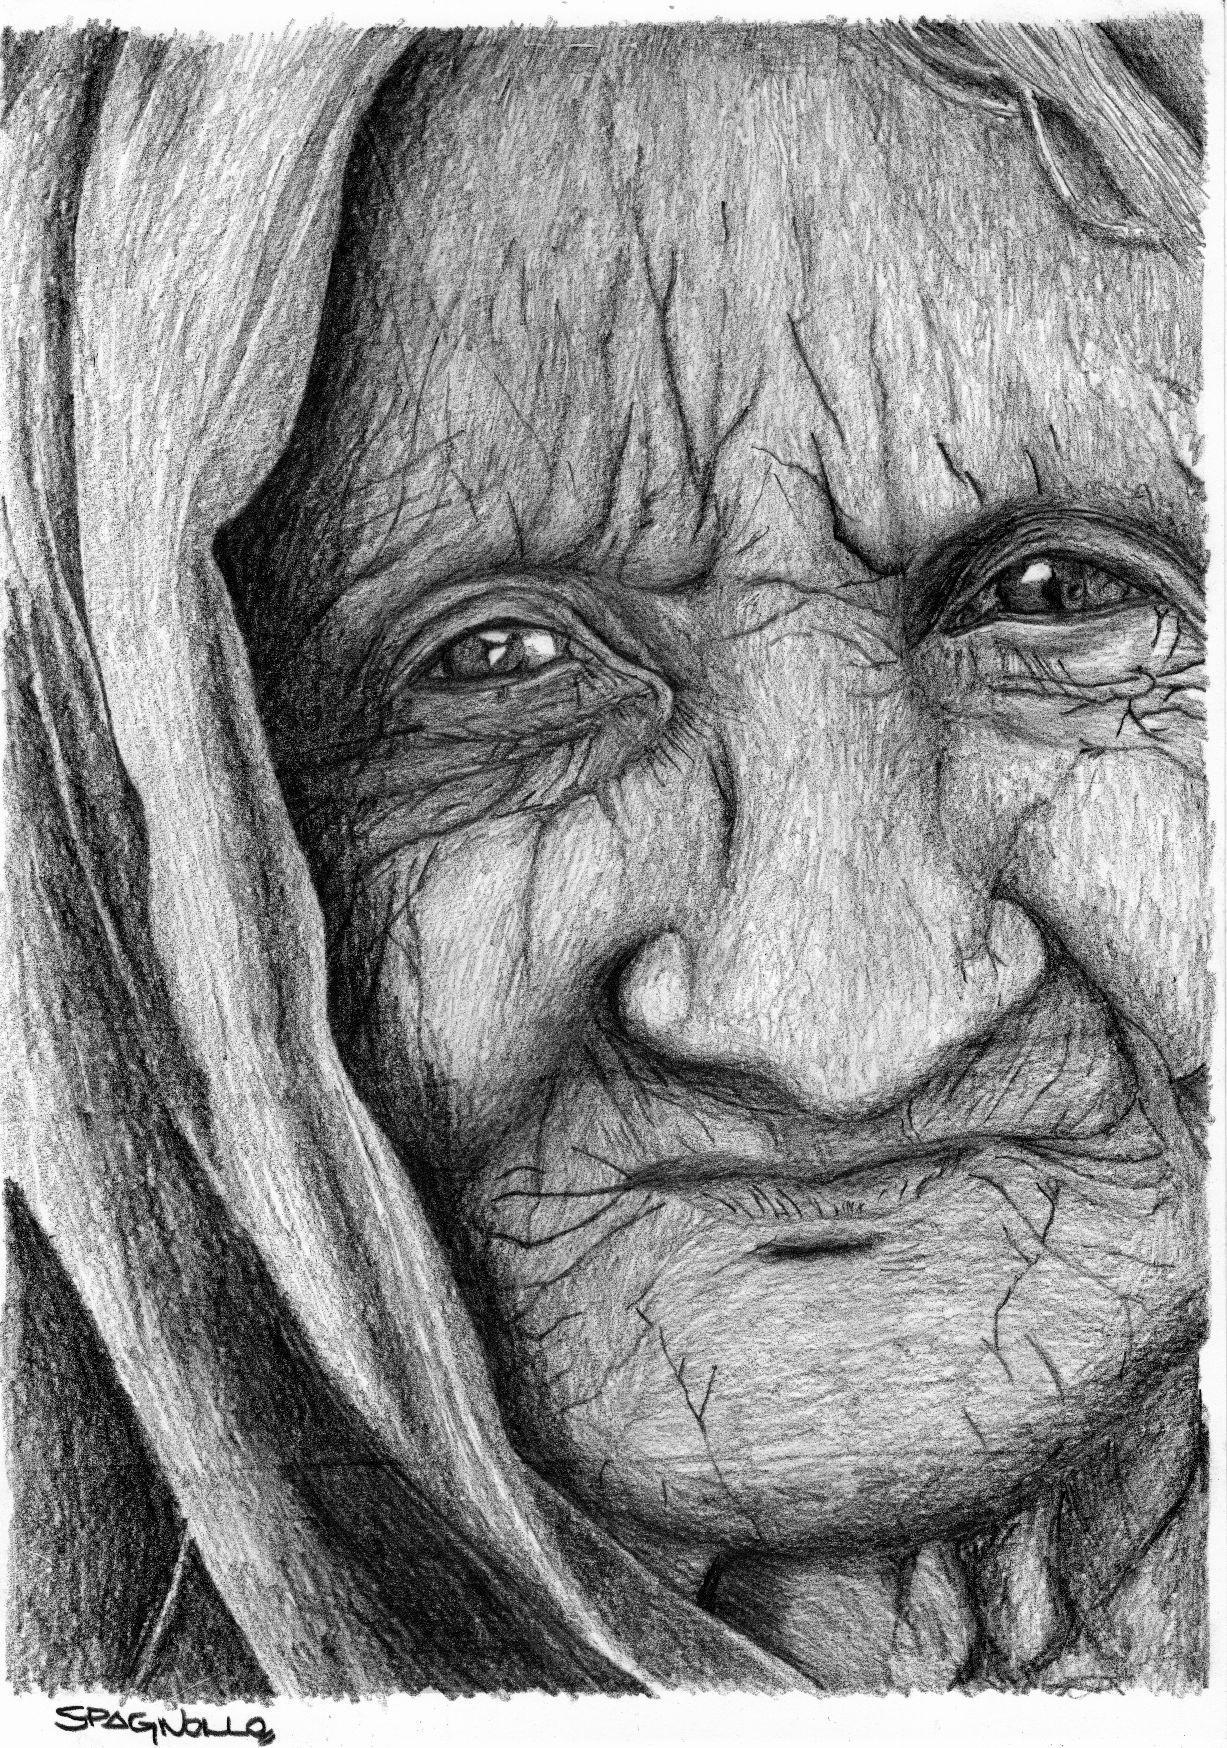 Grafites68 Jpg Celebritycoloredpencildrawings Anciano Dibujo Dibujos Realistas Rostros De Arte